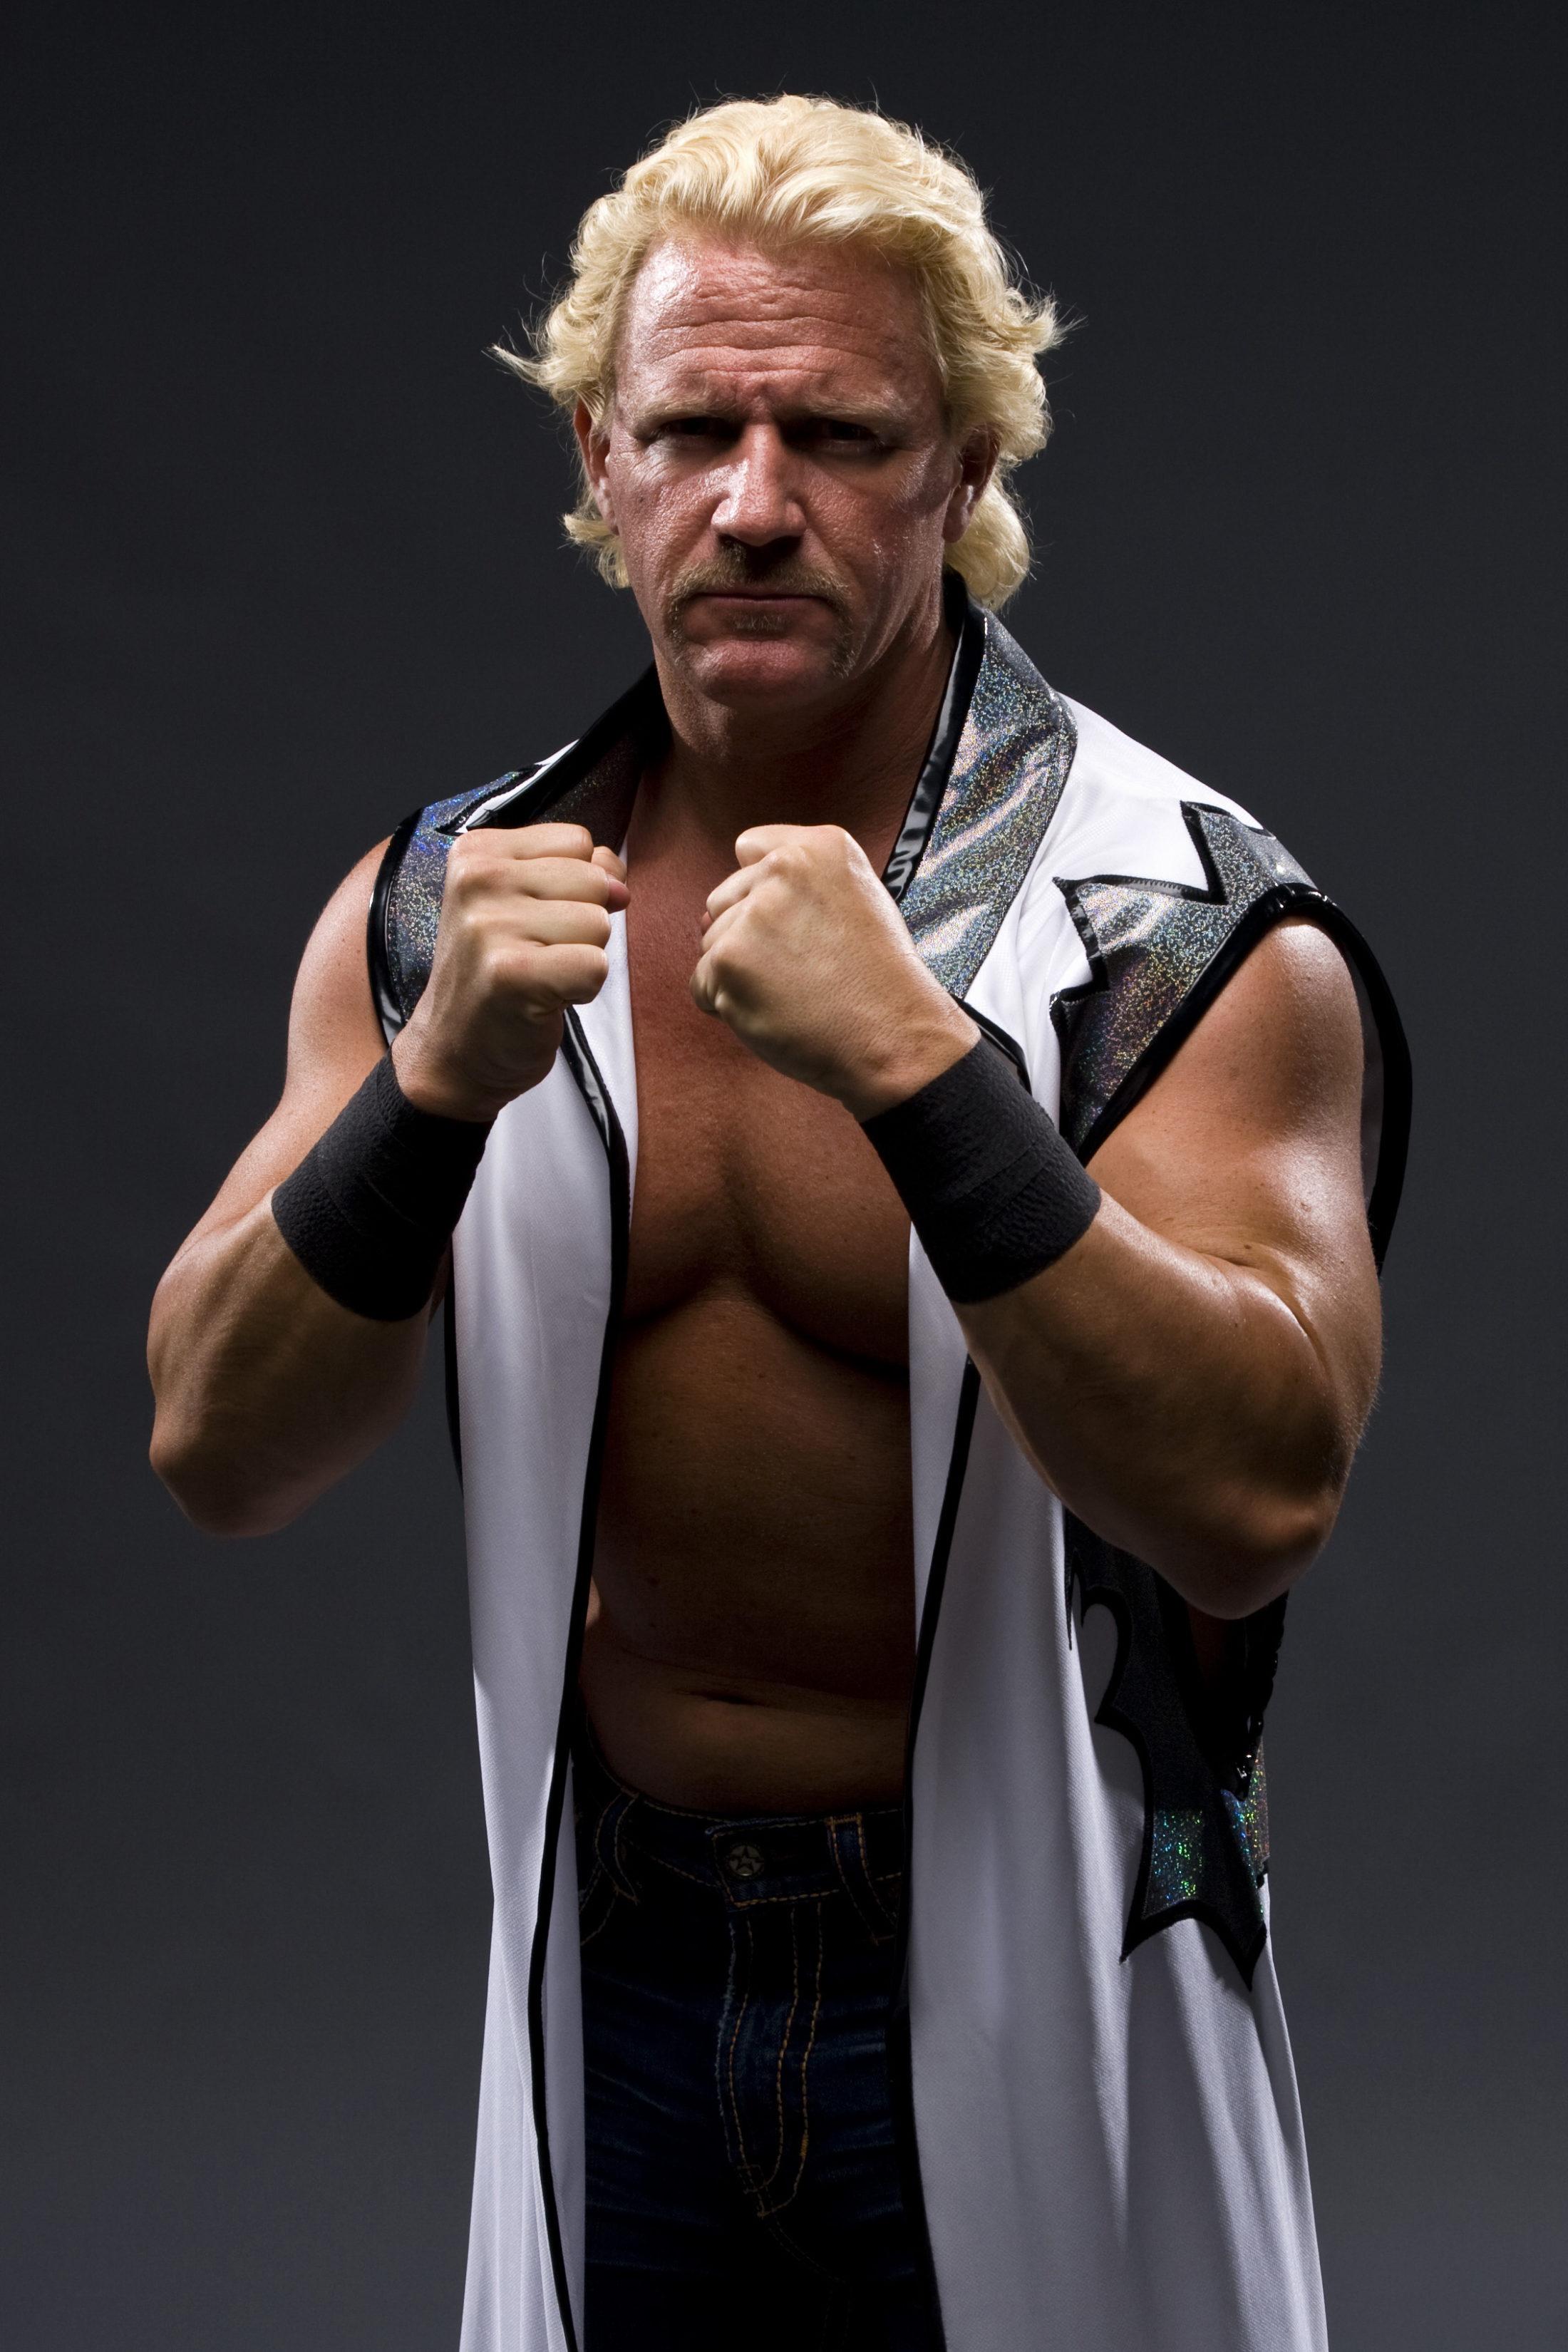 Jeff Jarrett / Imagen cortesía de TNAwrestling.com para Súper Luchas